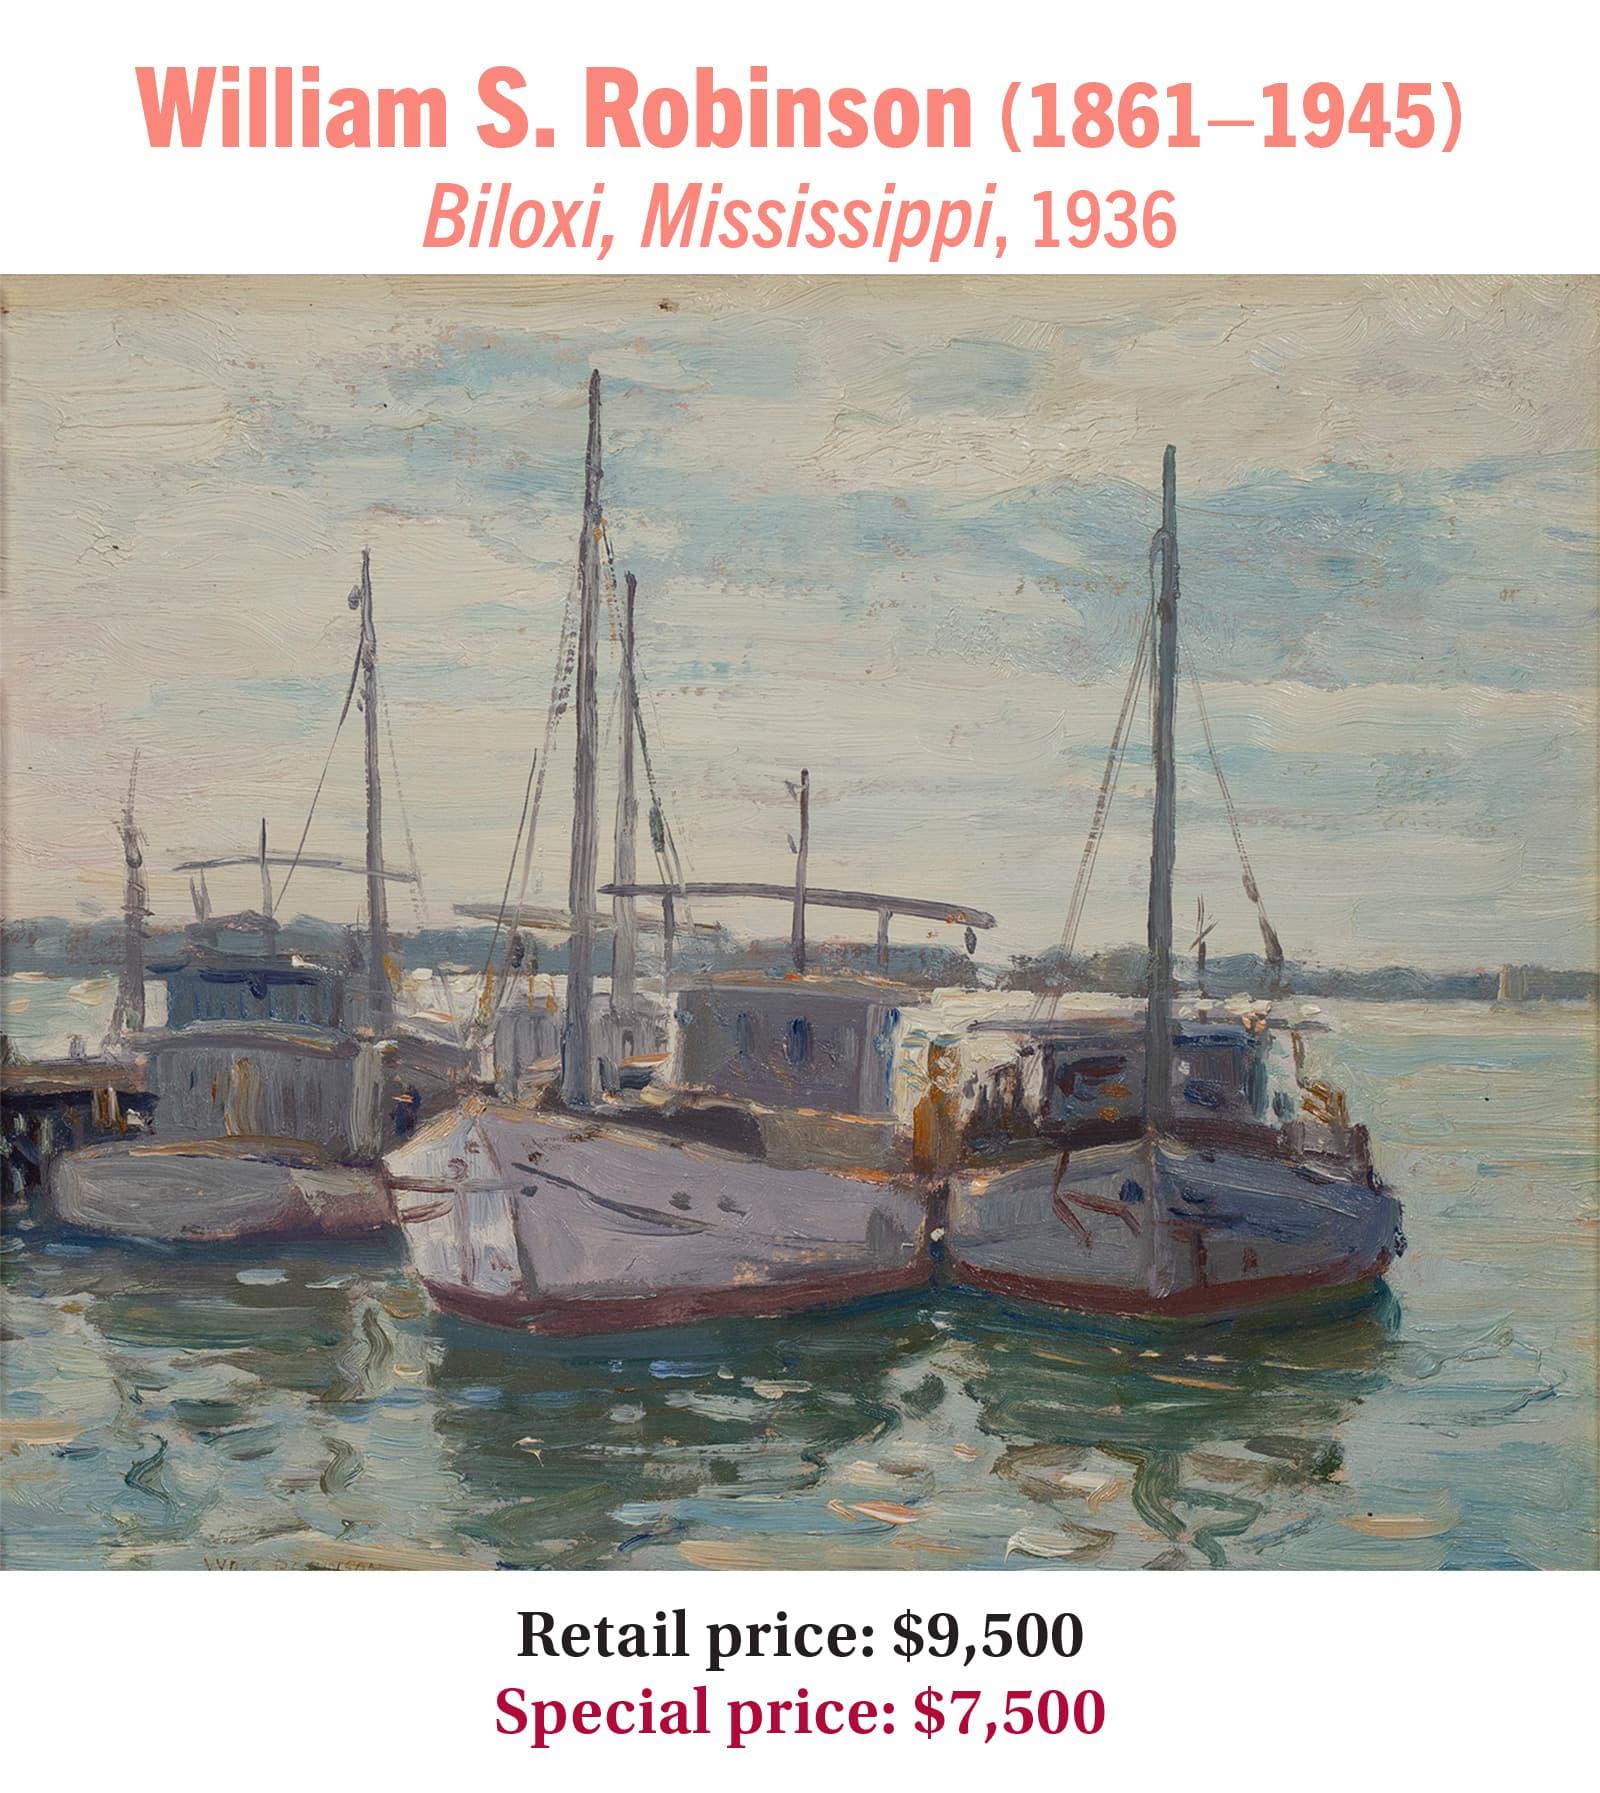 William S. Robinson (1861–1945) Biloxi, Mississippi, 1936, oil on board, American impressionist harbor scene